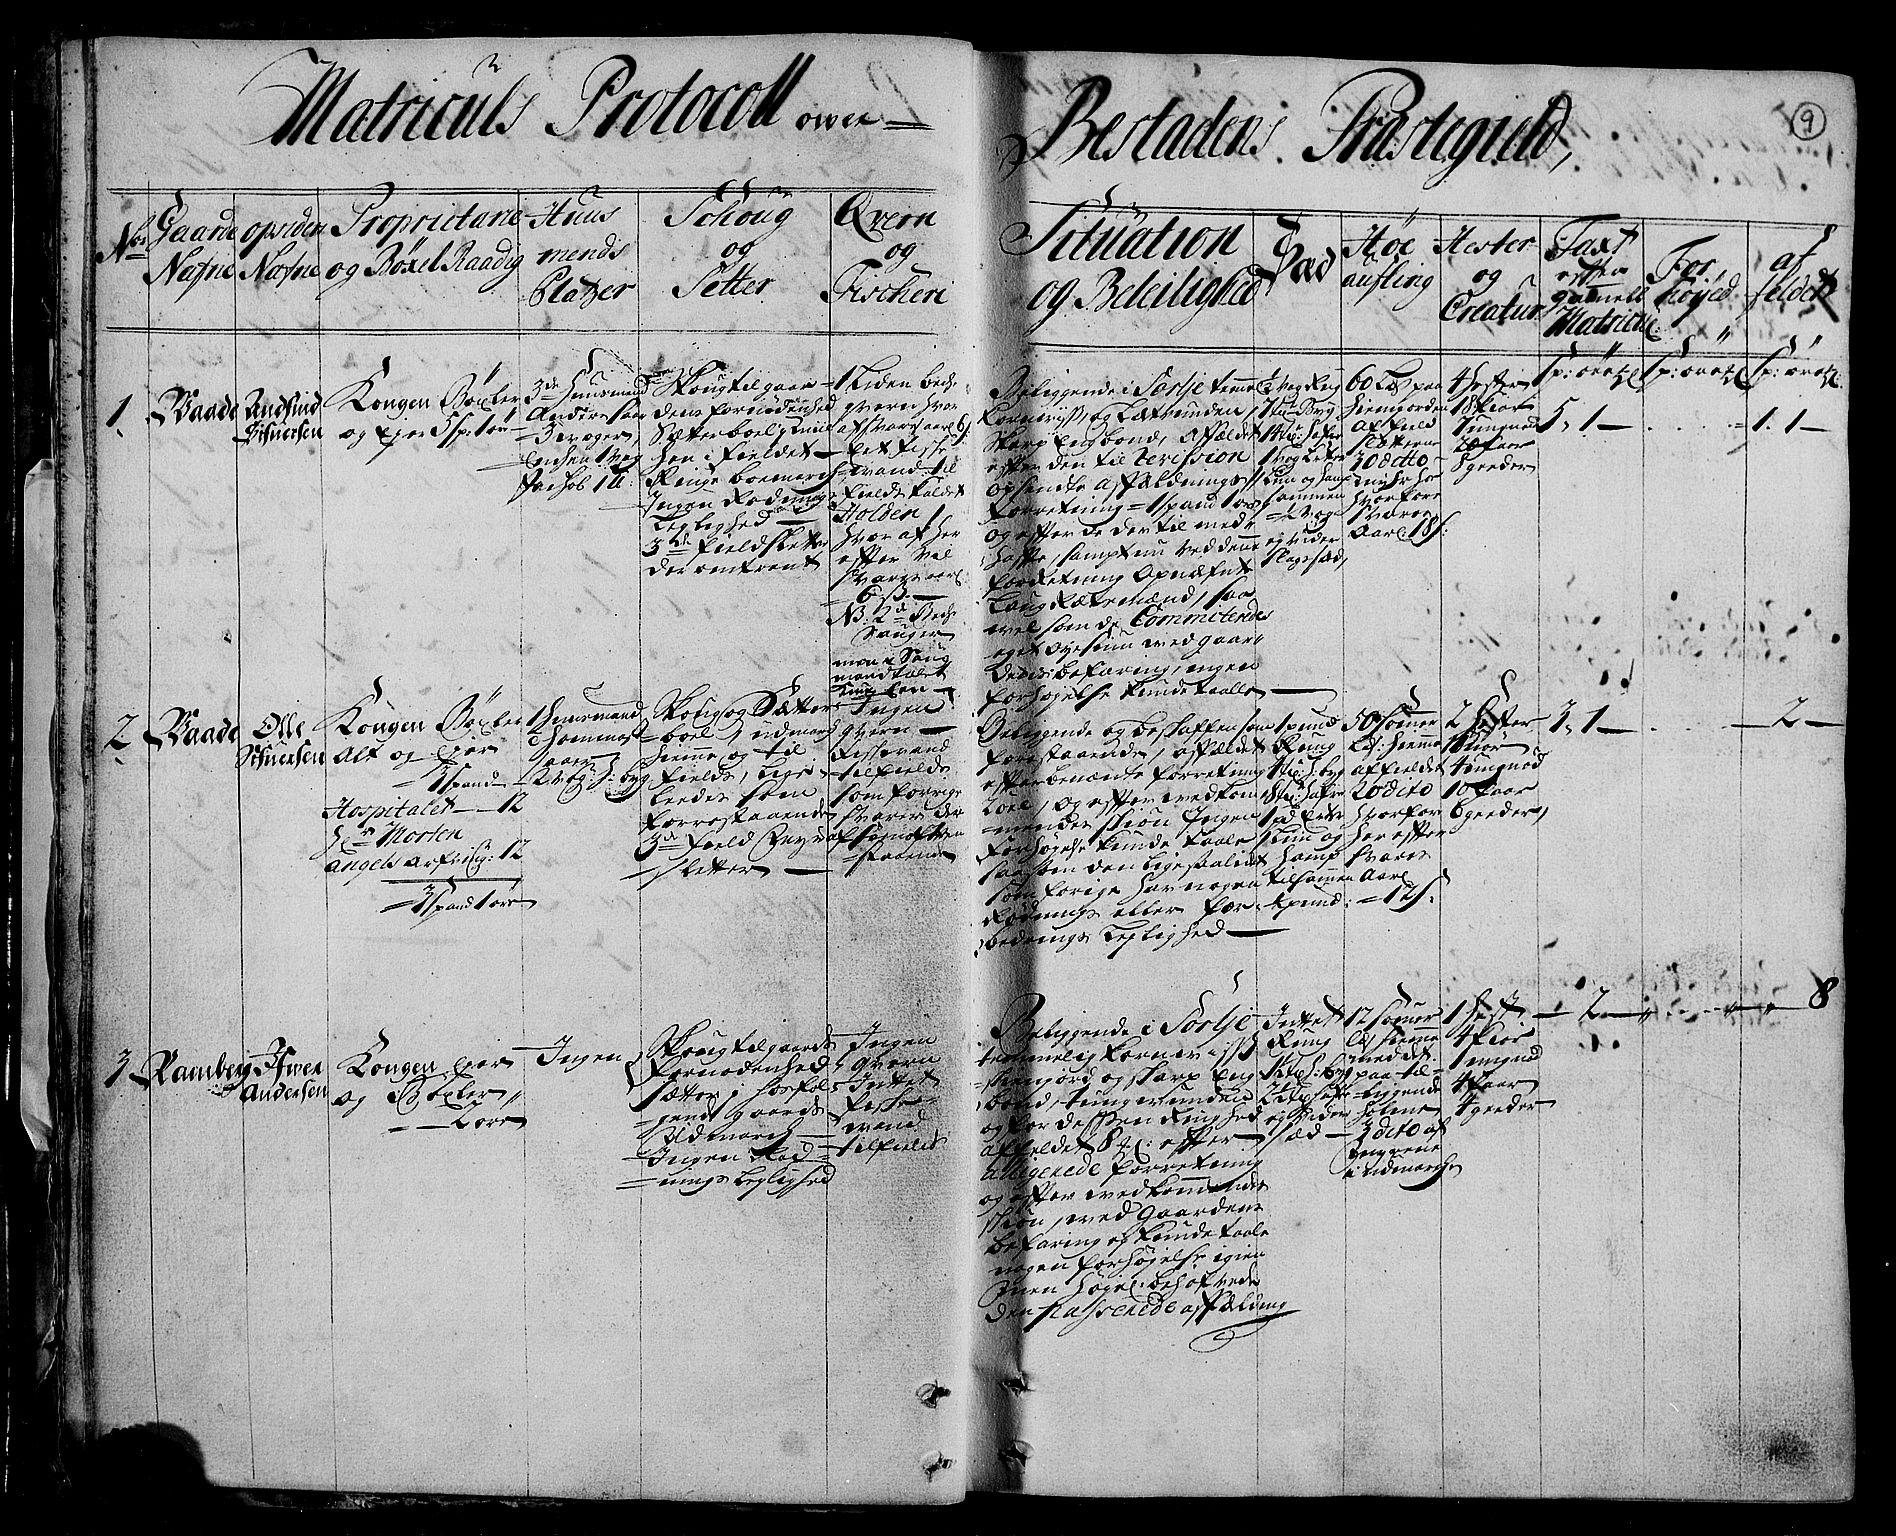 RA, Rentekammeret inntil 1814, Realistisk ordnet avdeling, N/Nb/Nbf/L0166: Inderøy eksaminasjonsprotokoll, 1723, s. 8b-9a